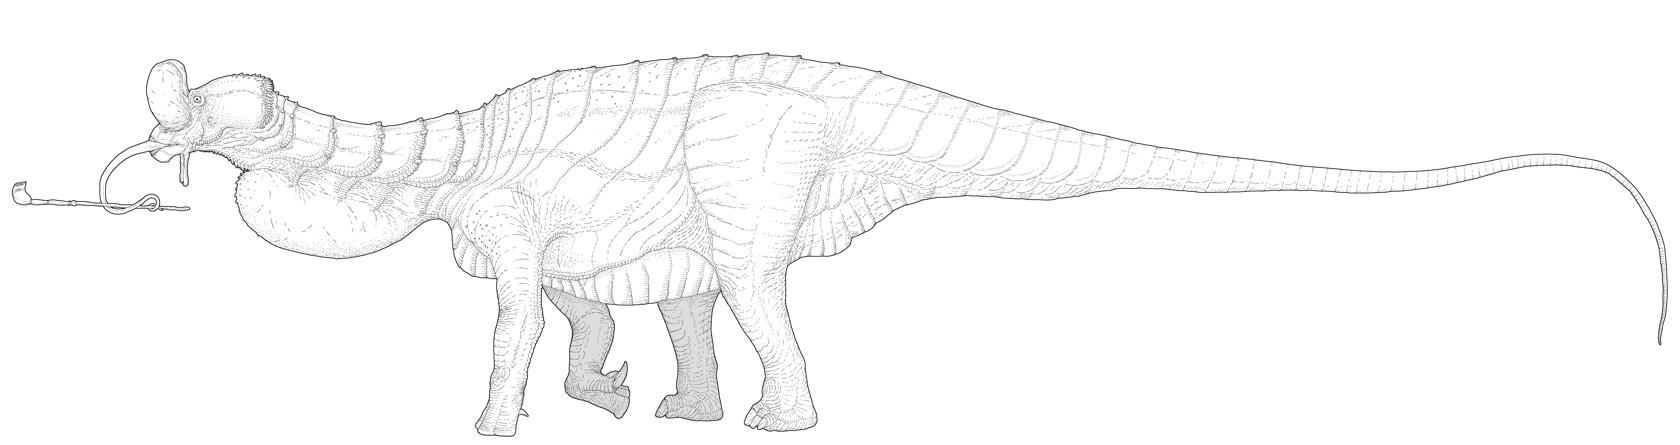 Brontosapiens by nemo-ramjet